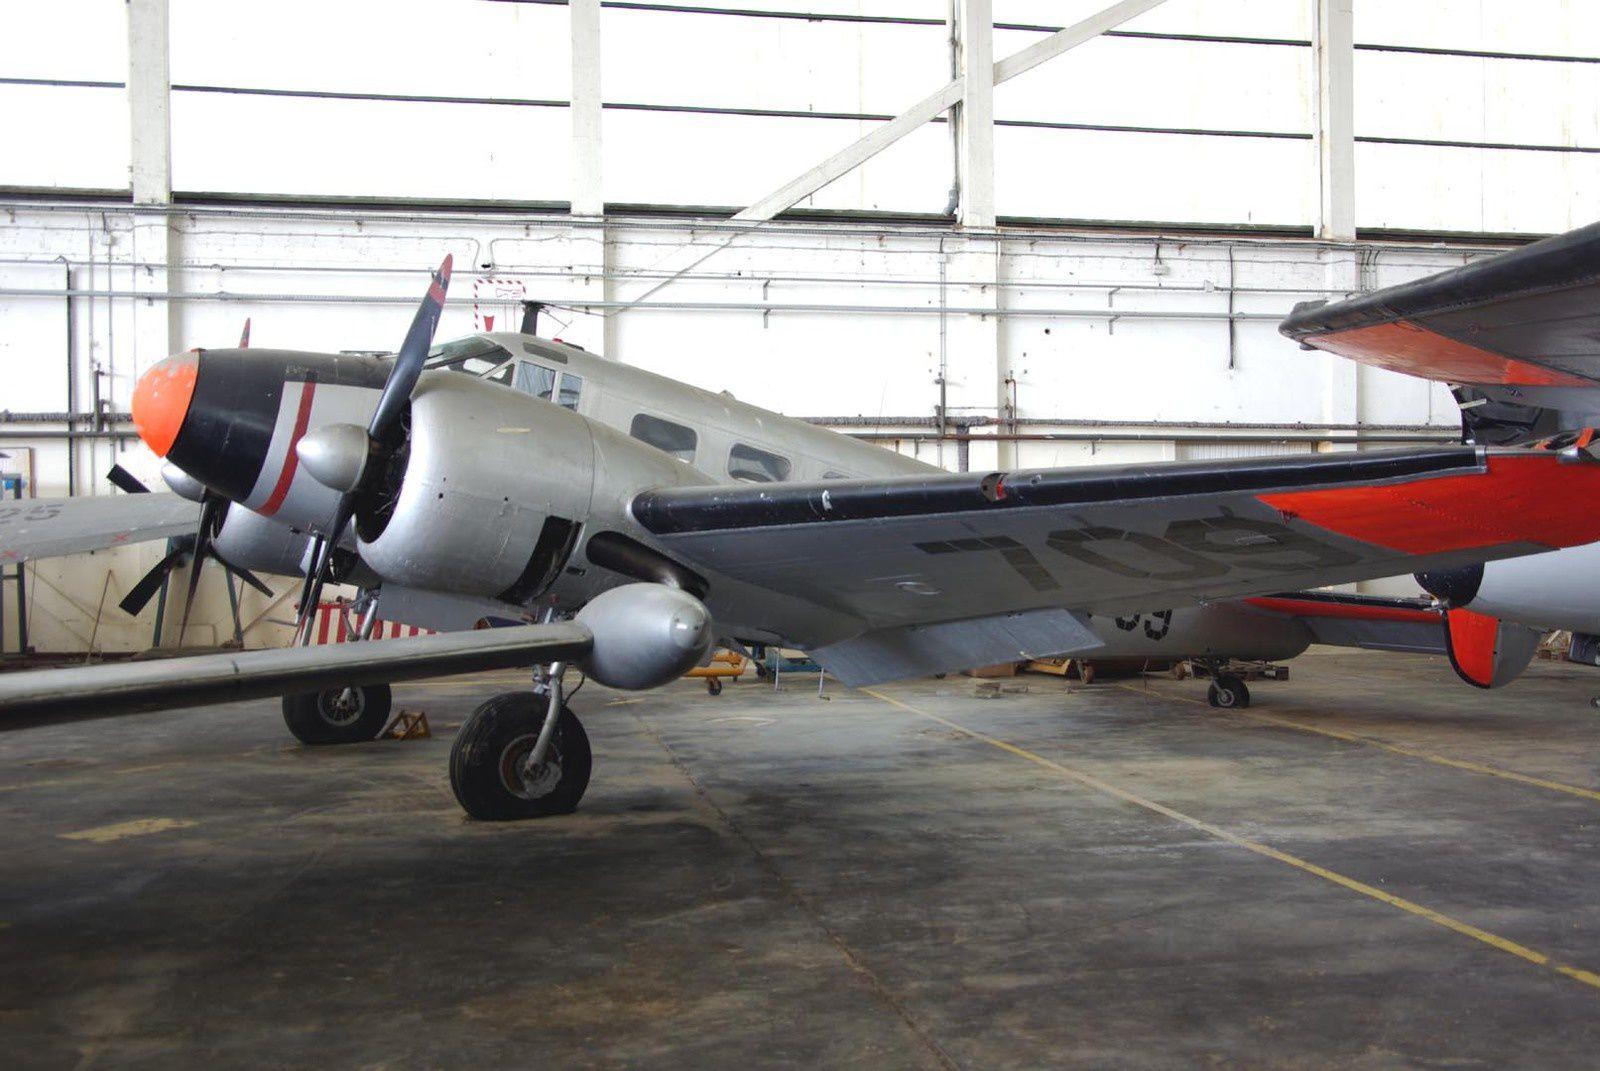 Le Beech UC-45J 709 exposé au musée de Rochefort.